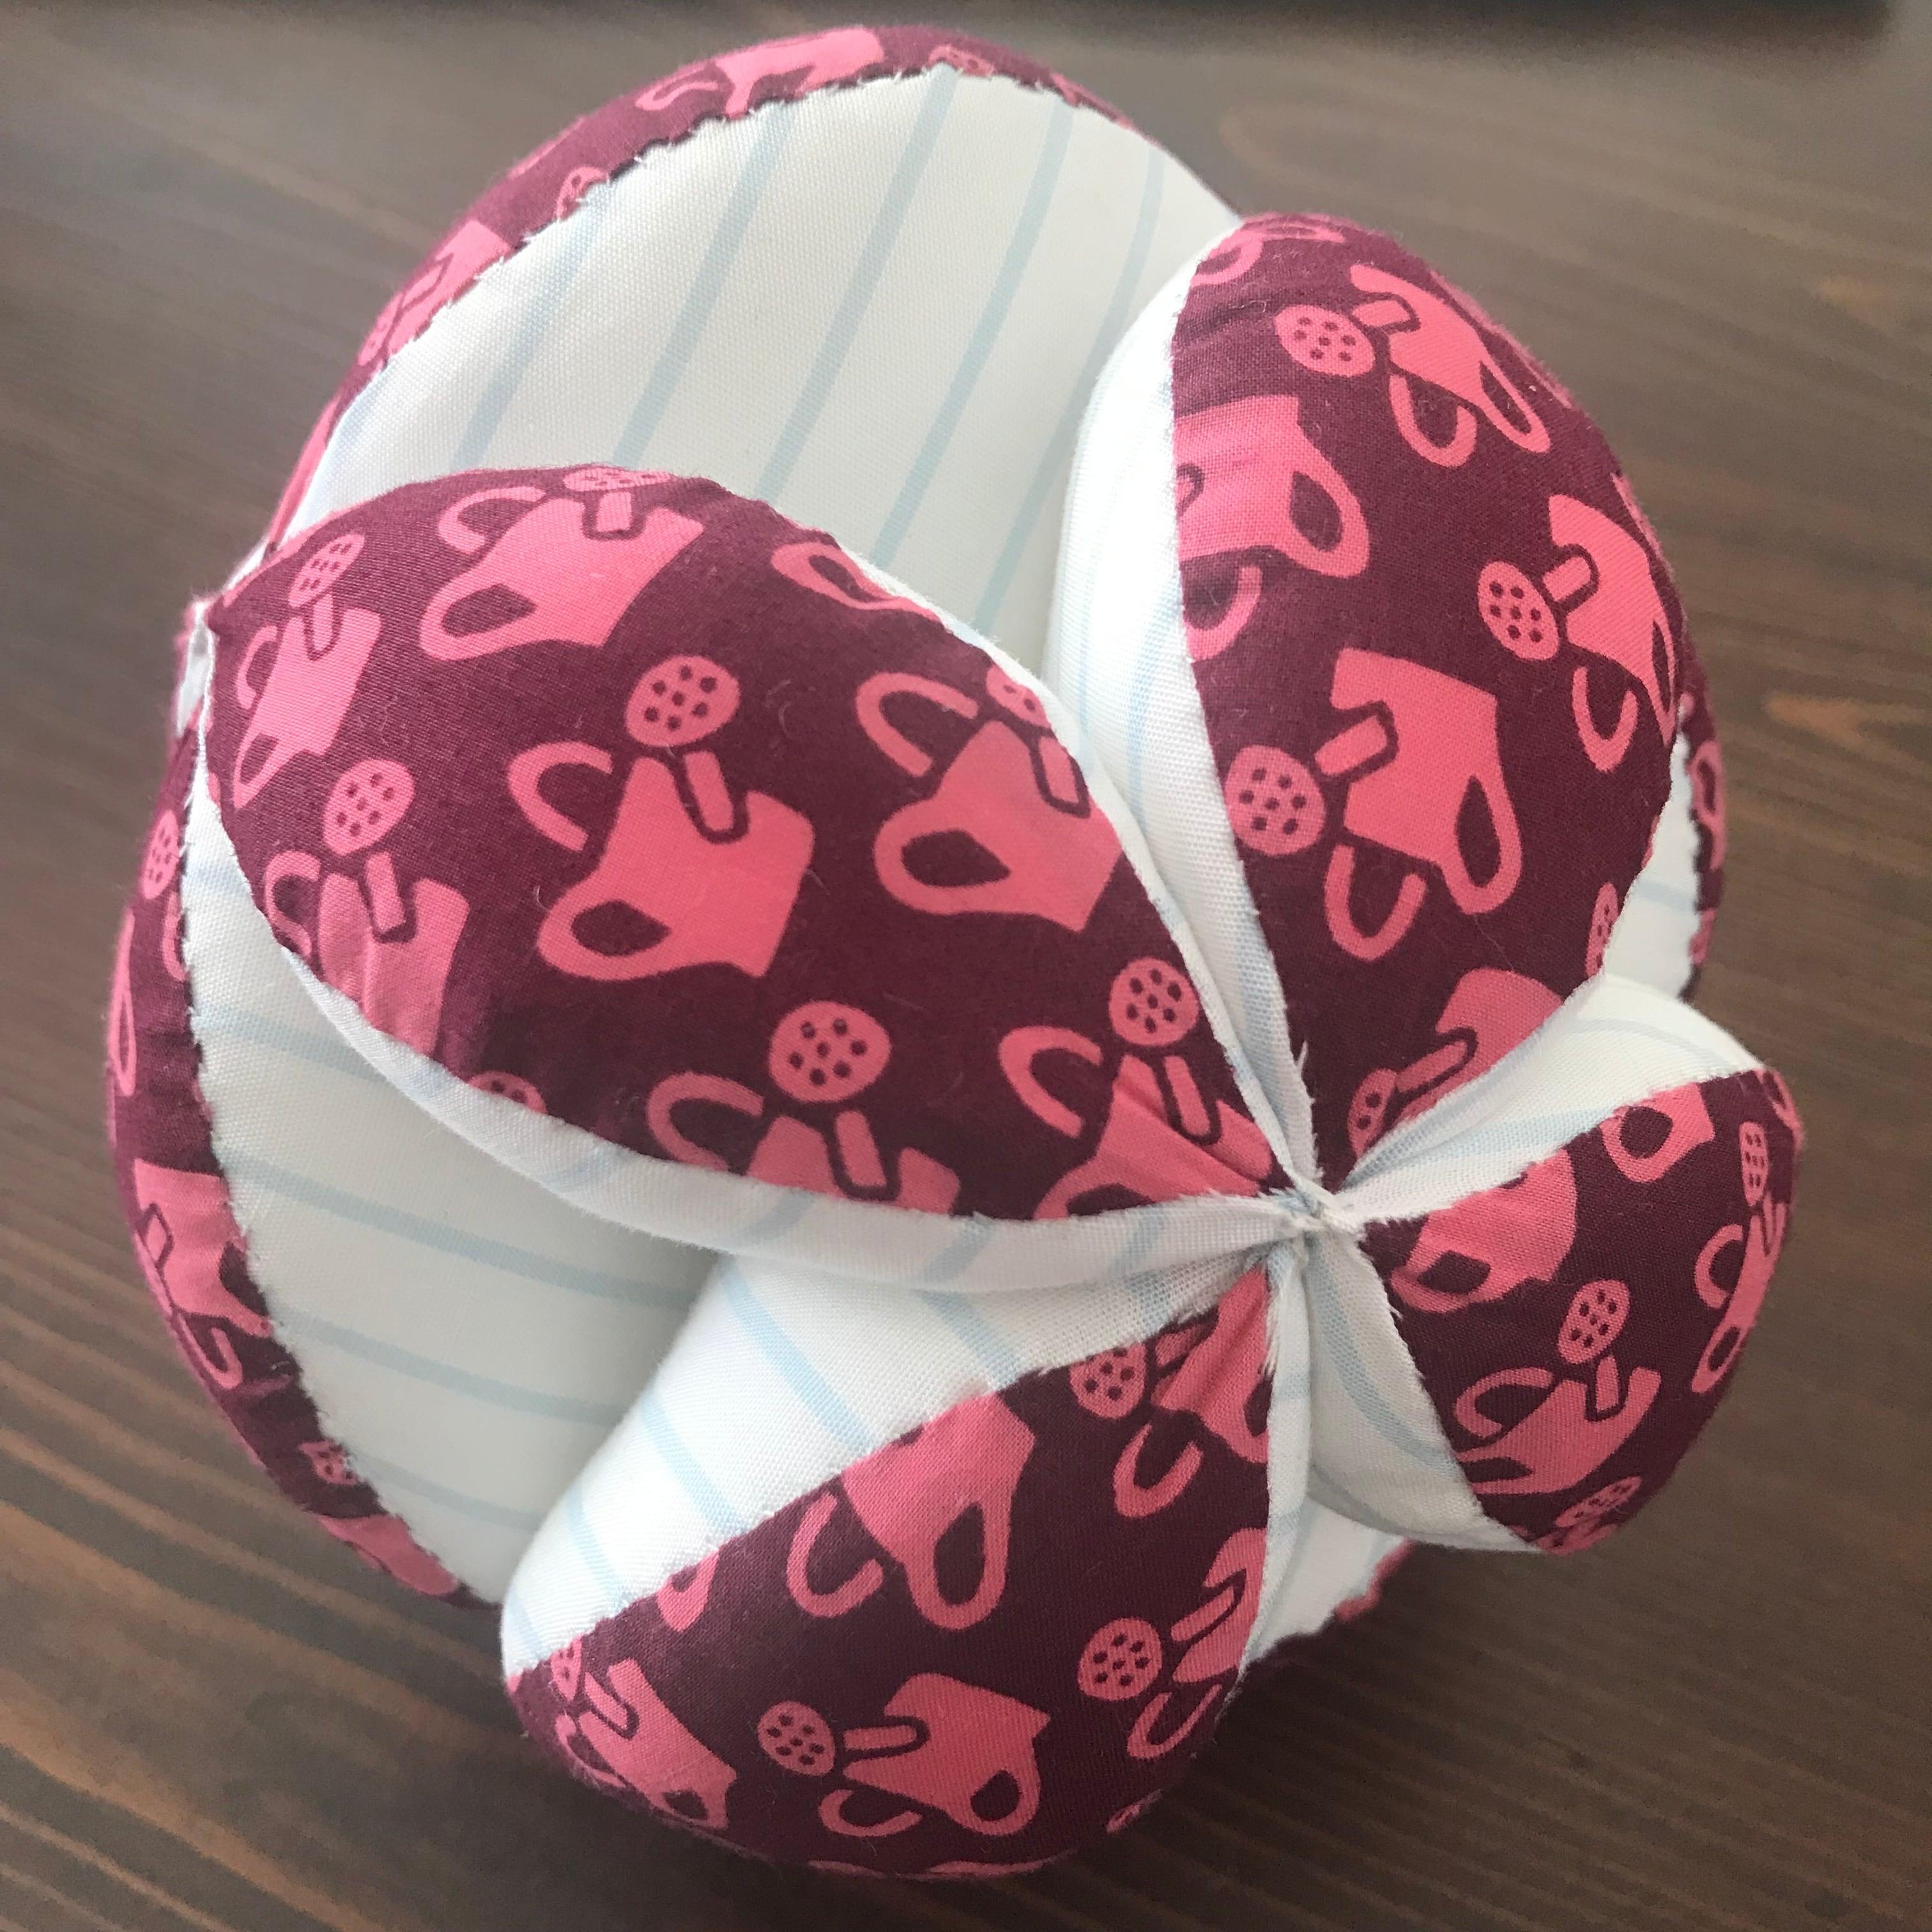 キッキングボール ジョウロ柄(赤)×ボーダー柄(水色)